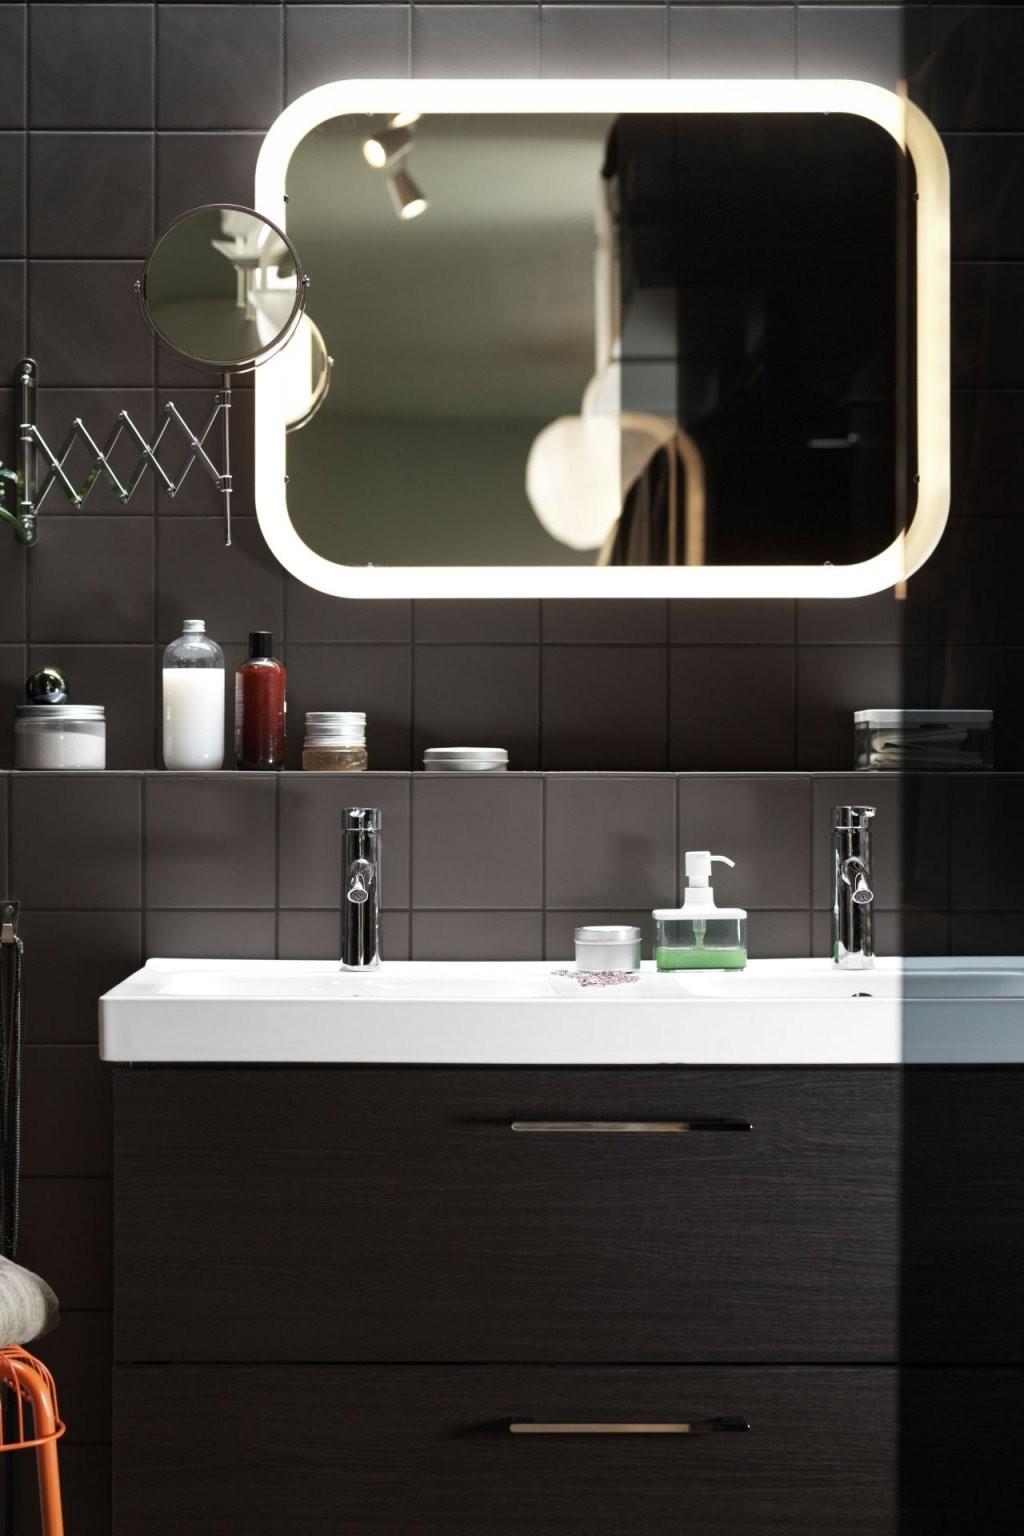 Storjorm Spiegel Mit Beleuchtung Weiß In 2019  Badezimmer von Spiegel Mit Beleuchtung Ikea Photo